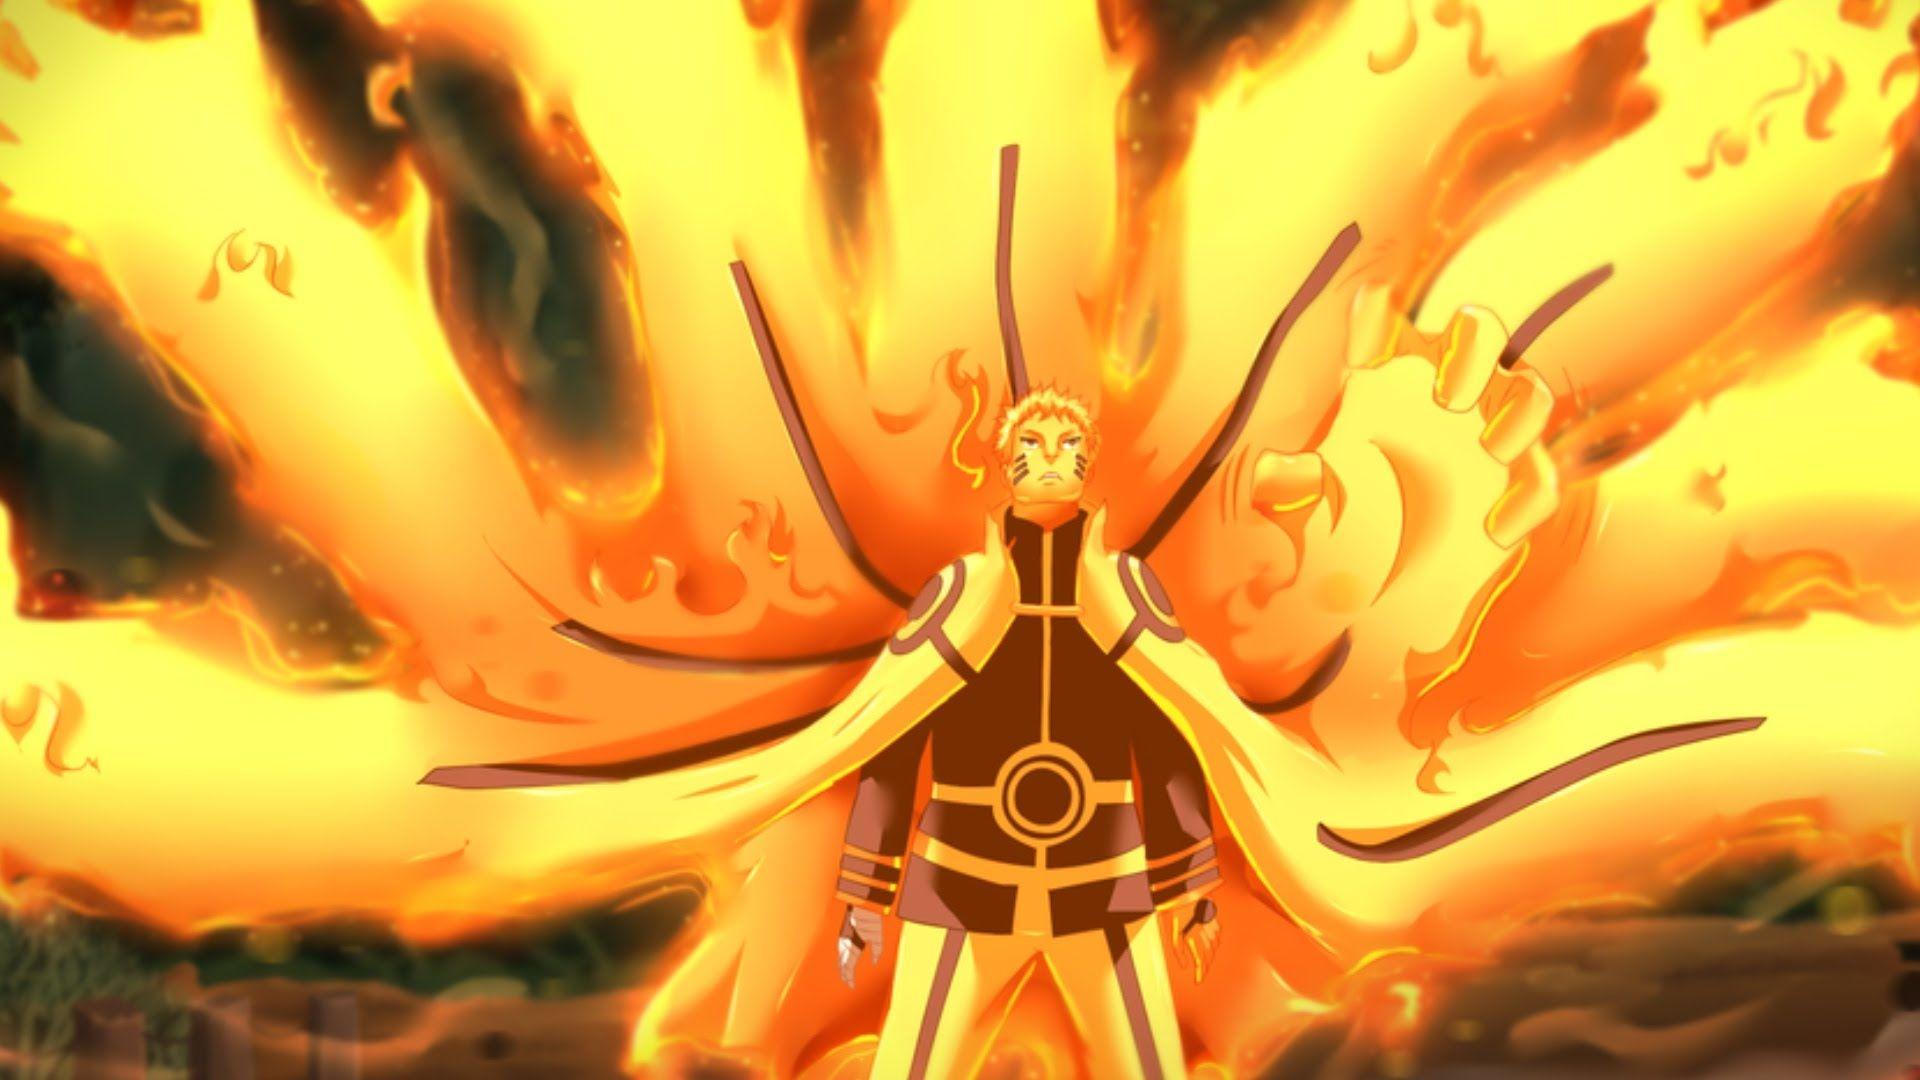 Pin By Ngo Quốc On Naruto Naruto Anime Naruto Naruto Uzumaki